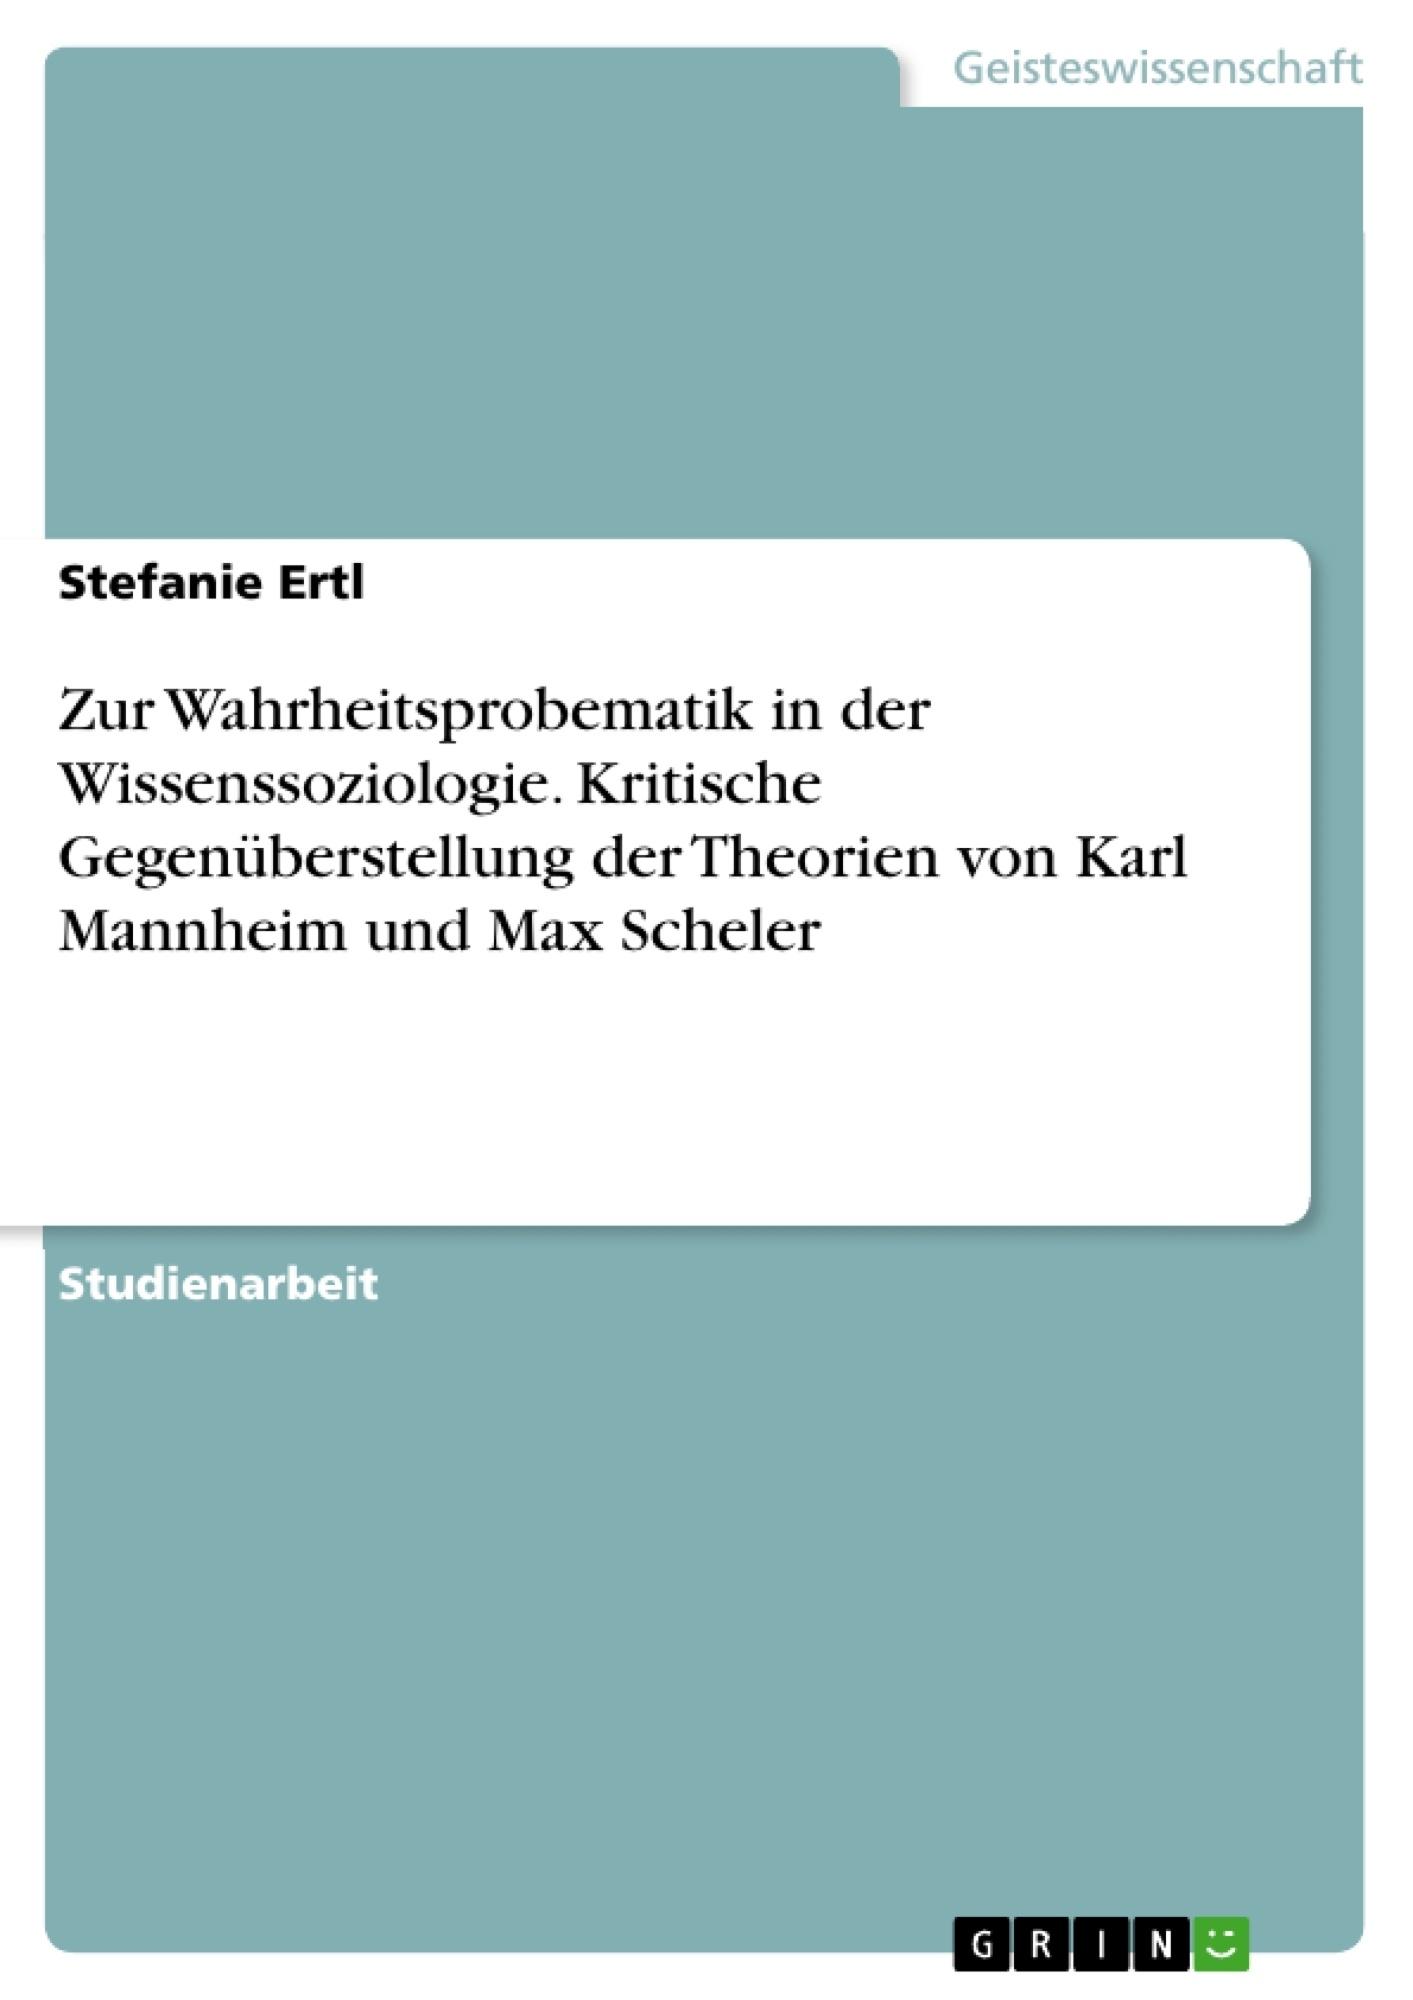 Titel: Zur Wahrheitsprobematik in der Wissenssoziologie. Kritische Gegenüberstellung der Theorien von Karl Mannheim und Max Scheler